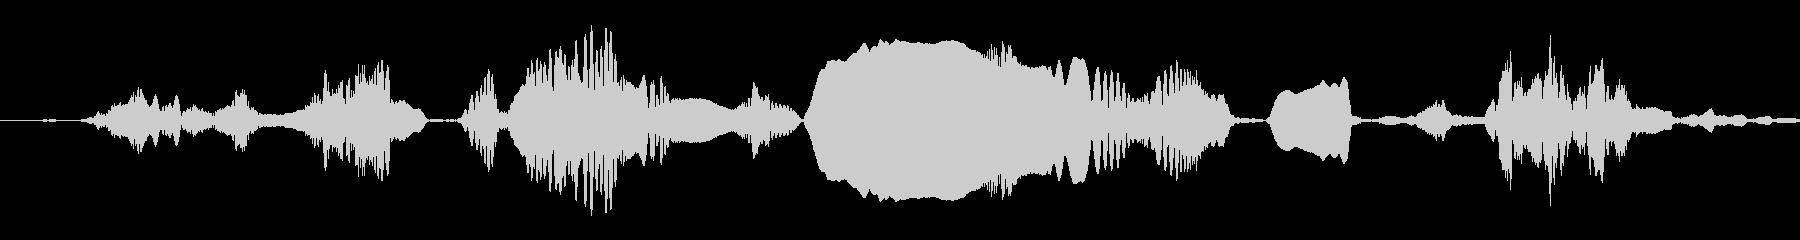 ギボンのグループ:絶え間ない呼び出...の未再生の波形